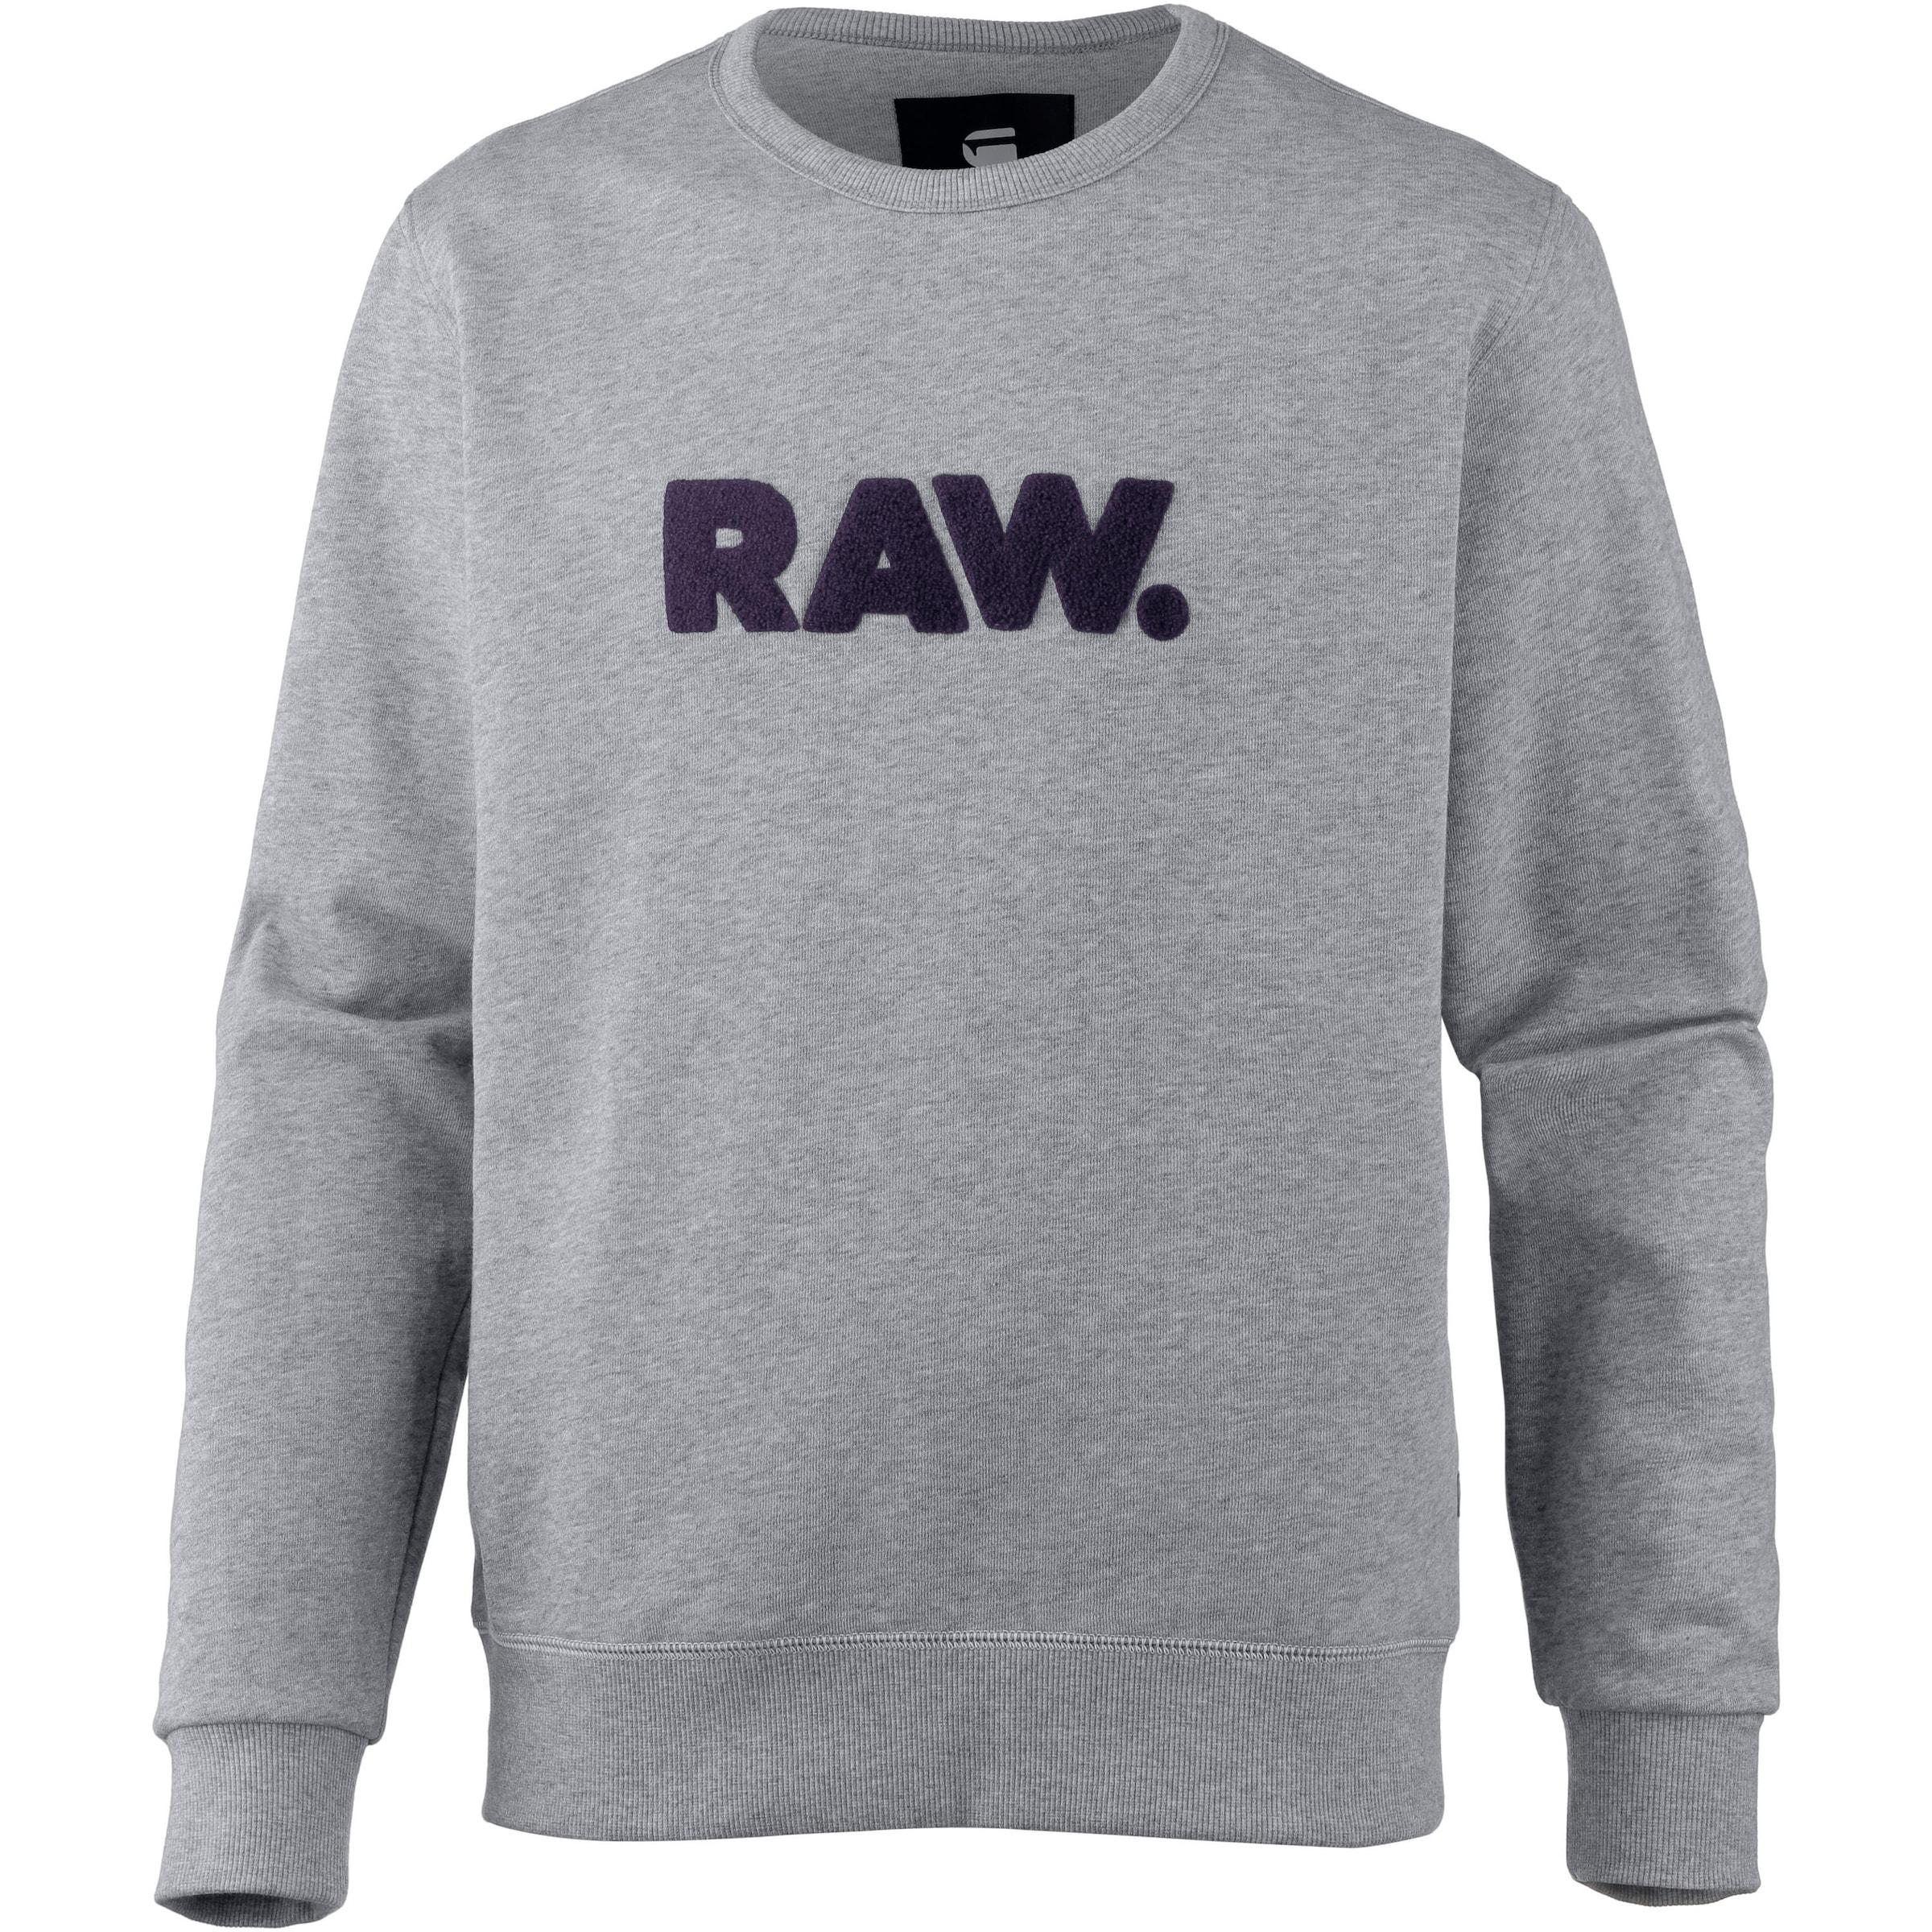 Verkauf Der Billigsten Spielraum Neueste G-STAR RAW Sweatshirt Herren Outlet Bequem Billig Mit Kreditkarte Billig Verkauf Rabatt DhzYgaQd6